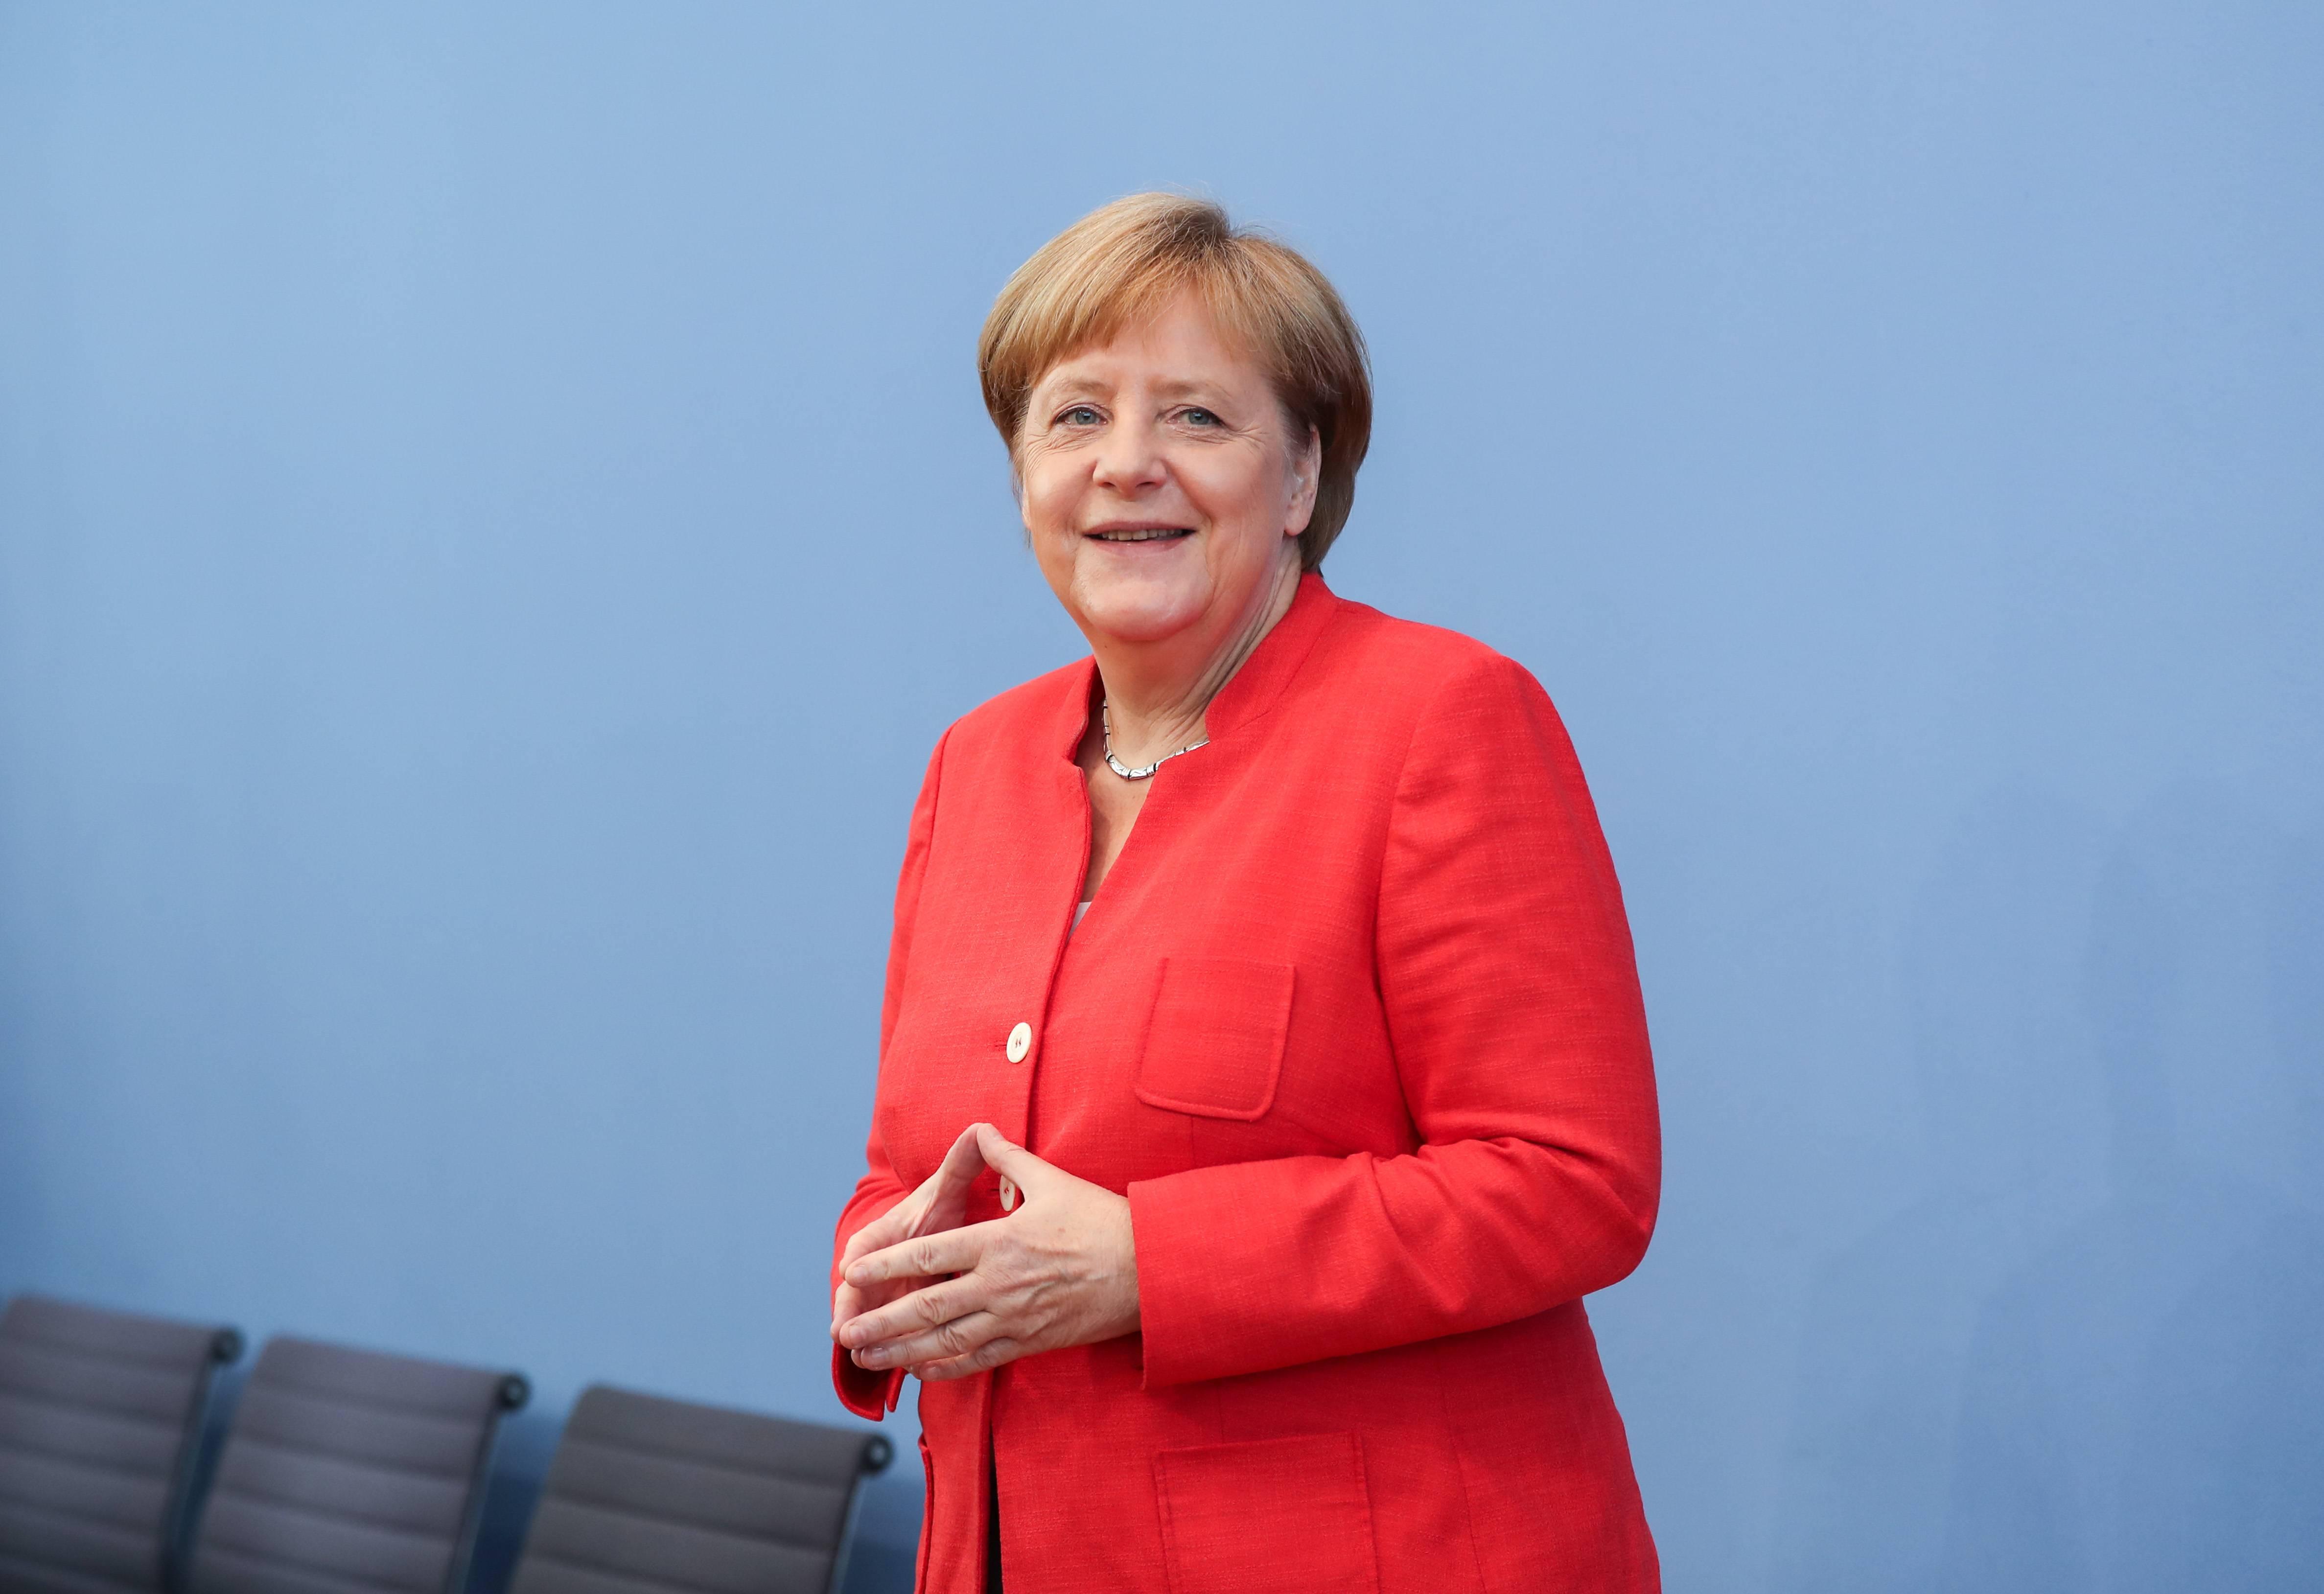 国际时评 默克尔给德国政坛留下了什么